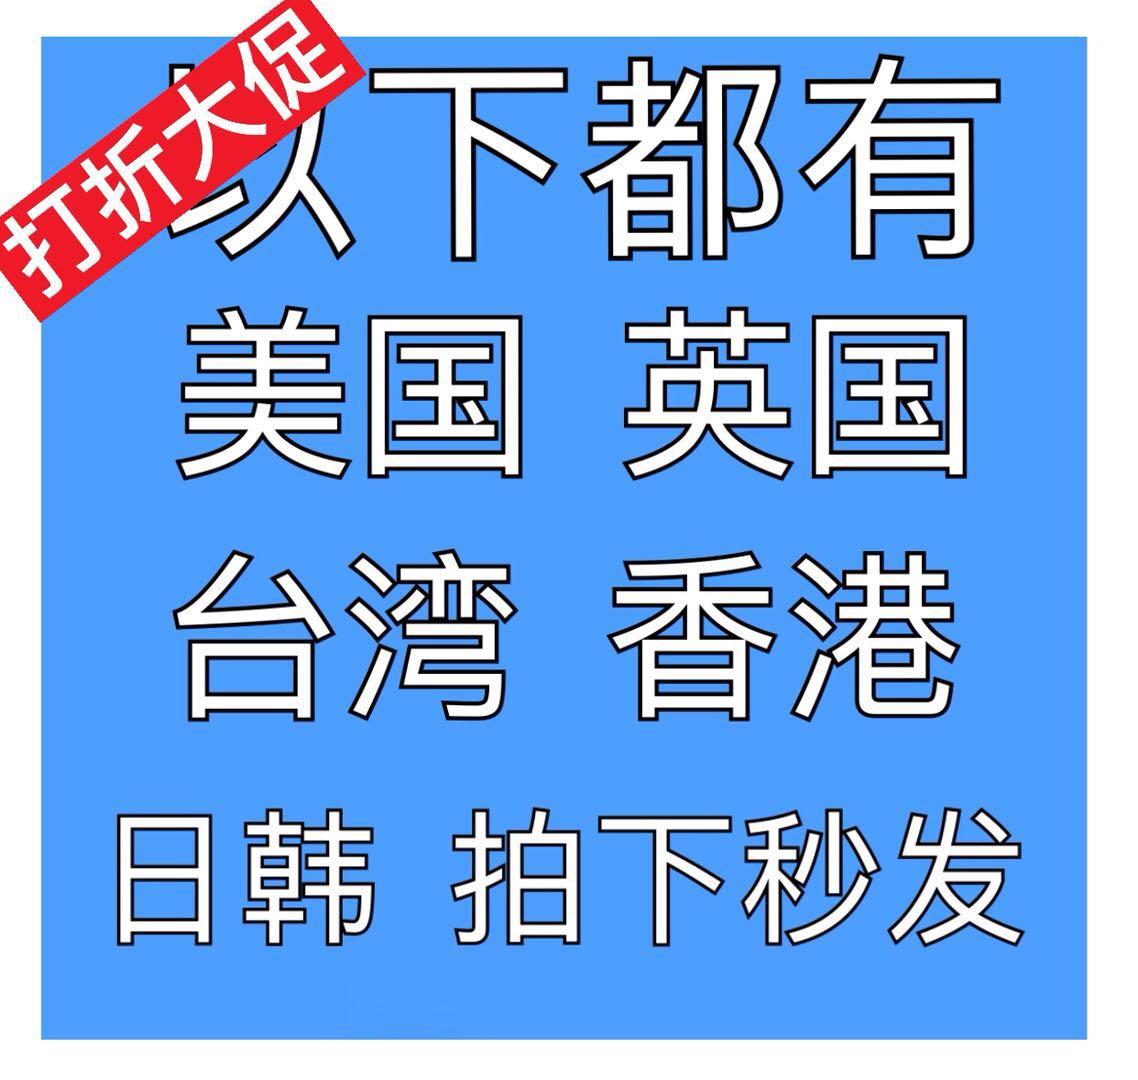 美区ID苹果美国香港日本泰国台湾韩国中国澳洲英国新西兰玩偶下